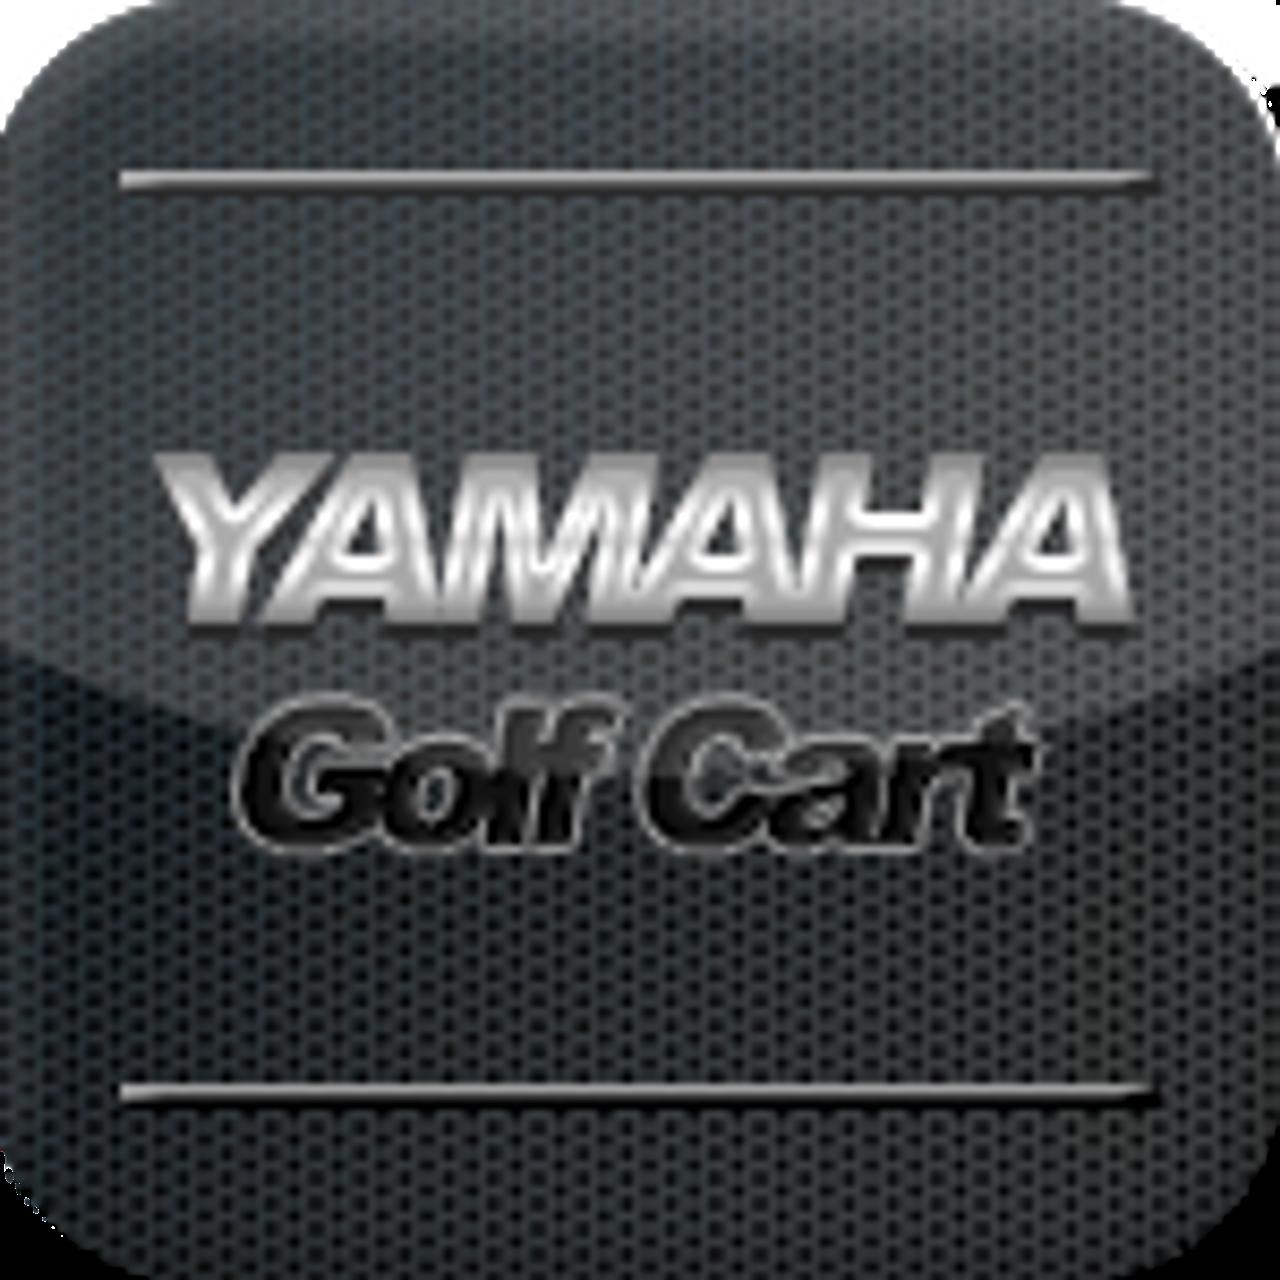 Yamaha Fuel Pumps and Parts